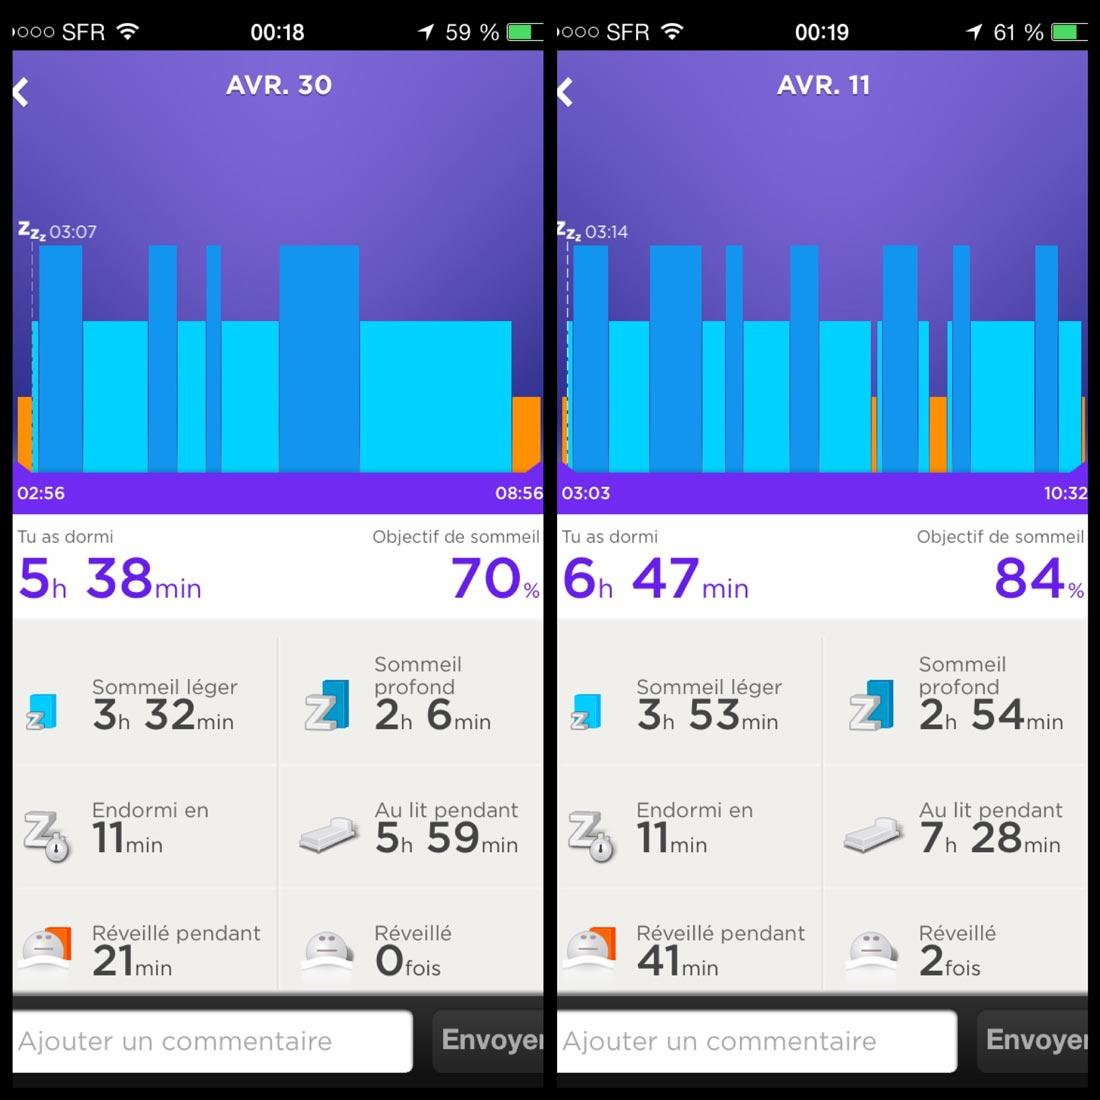 Affichage des données de deux nuits de sommeil dans l'appli Jawbone UP.